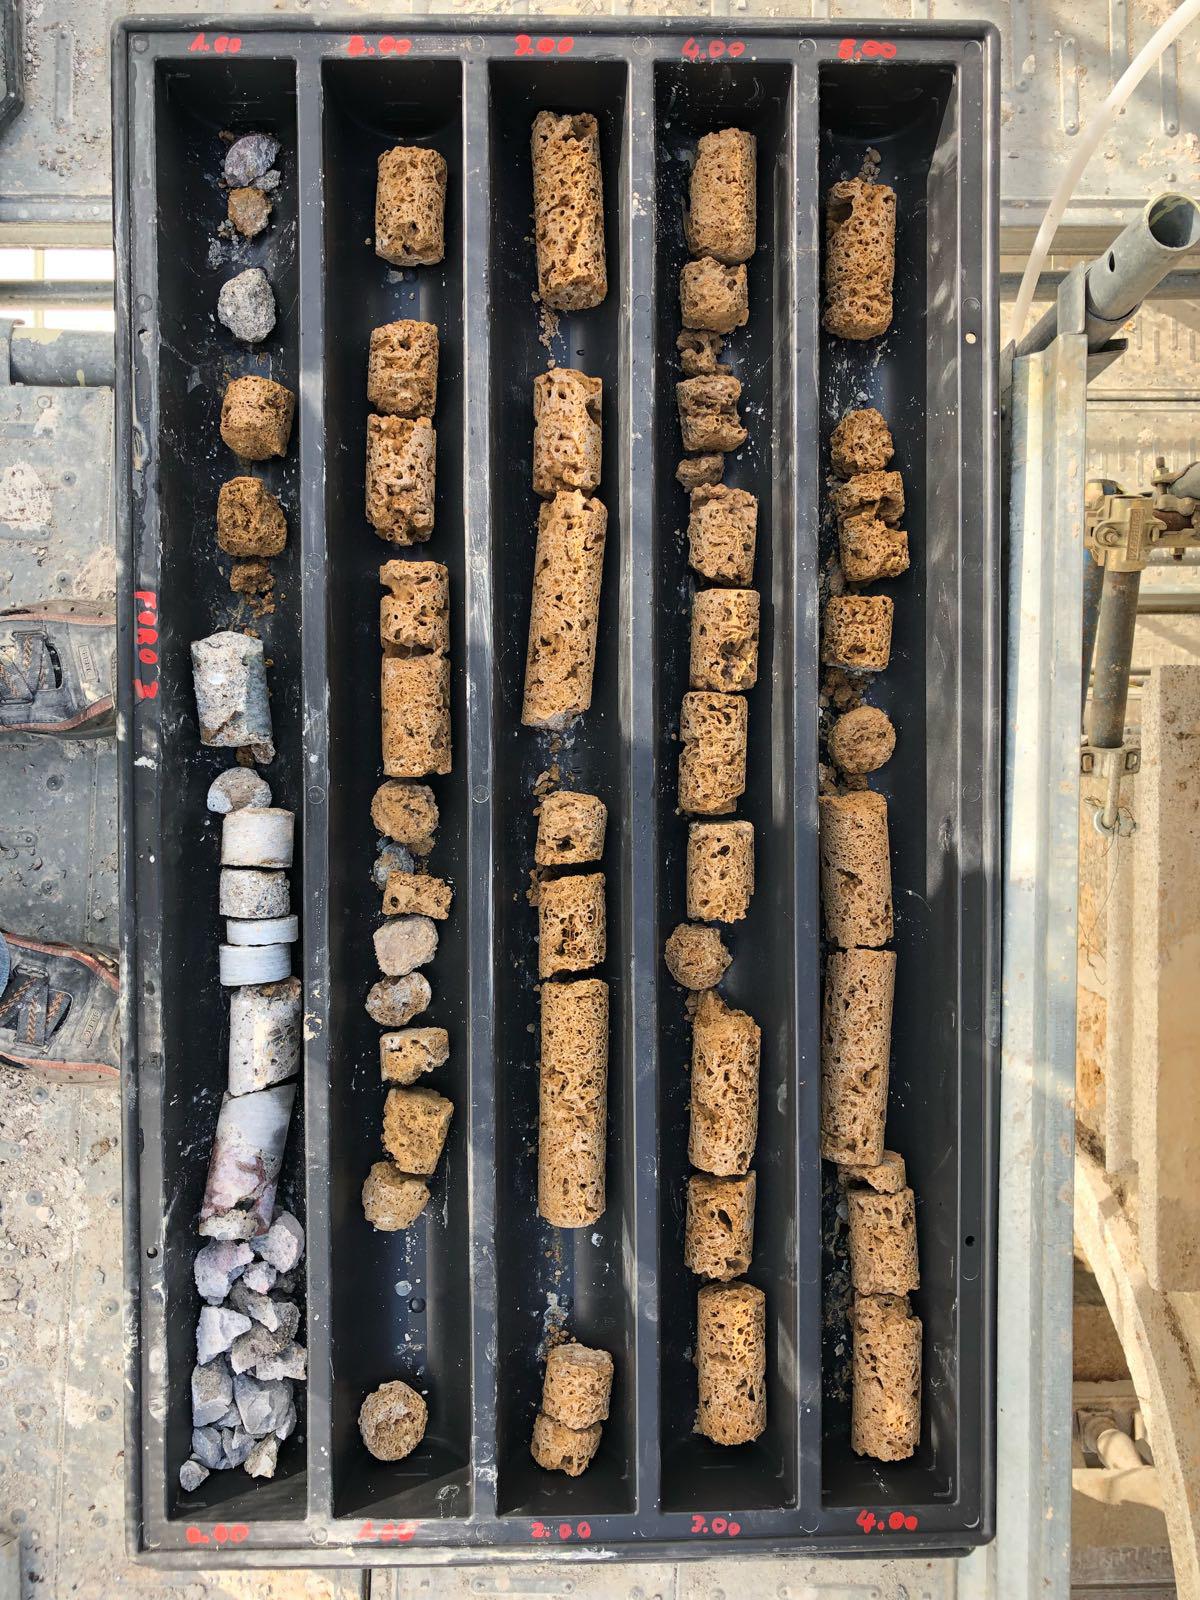 Perico-Renato-Valnegra (BG) - Campanile - Consolidamento e restauro 4